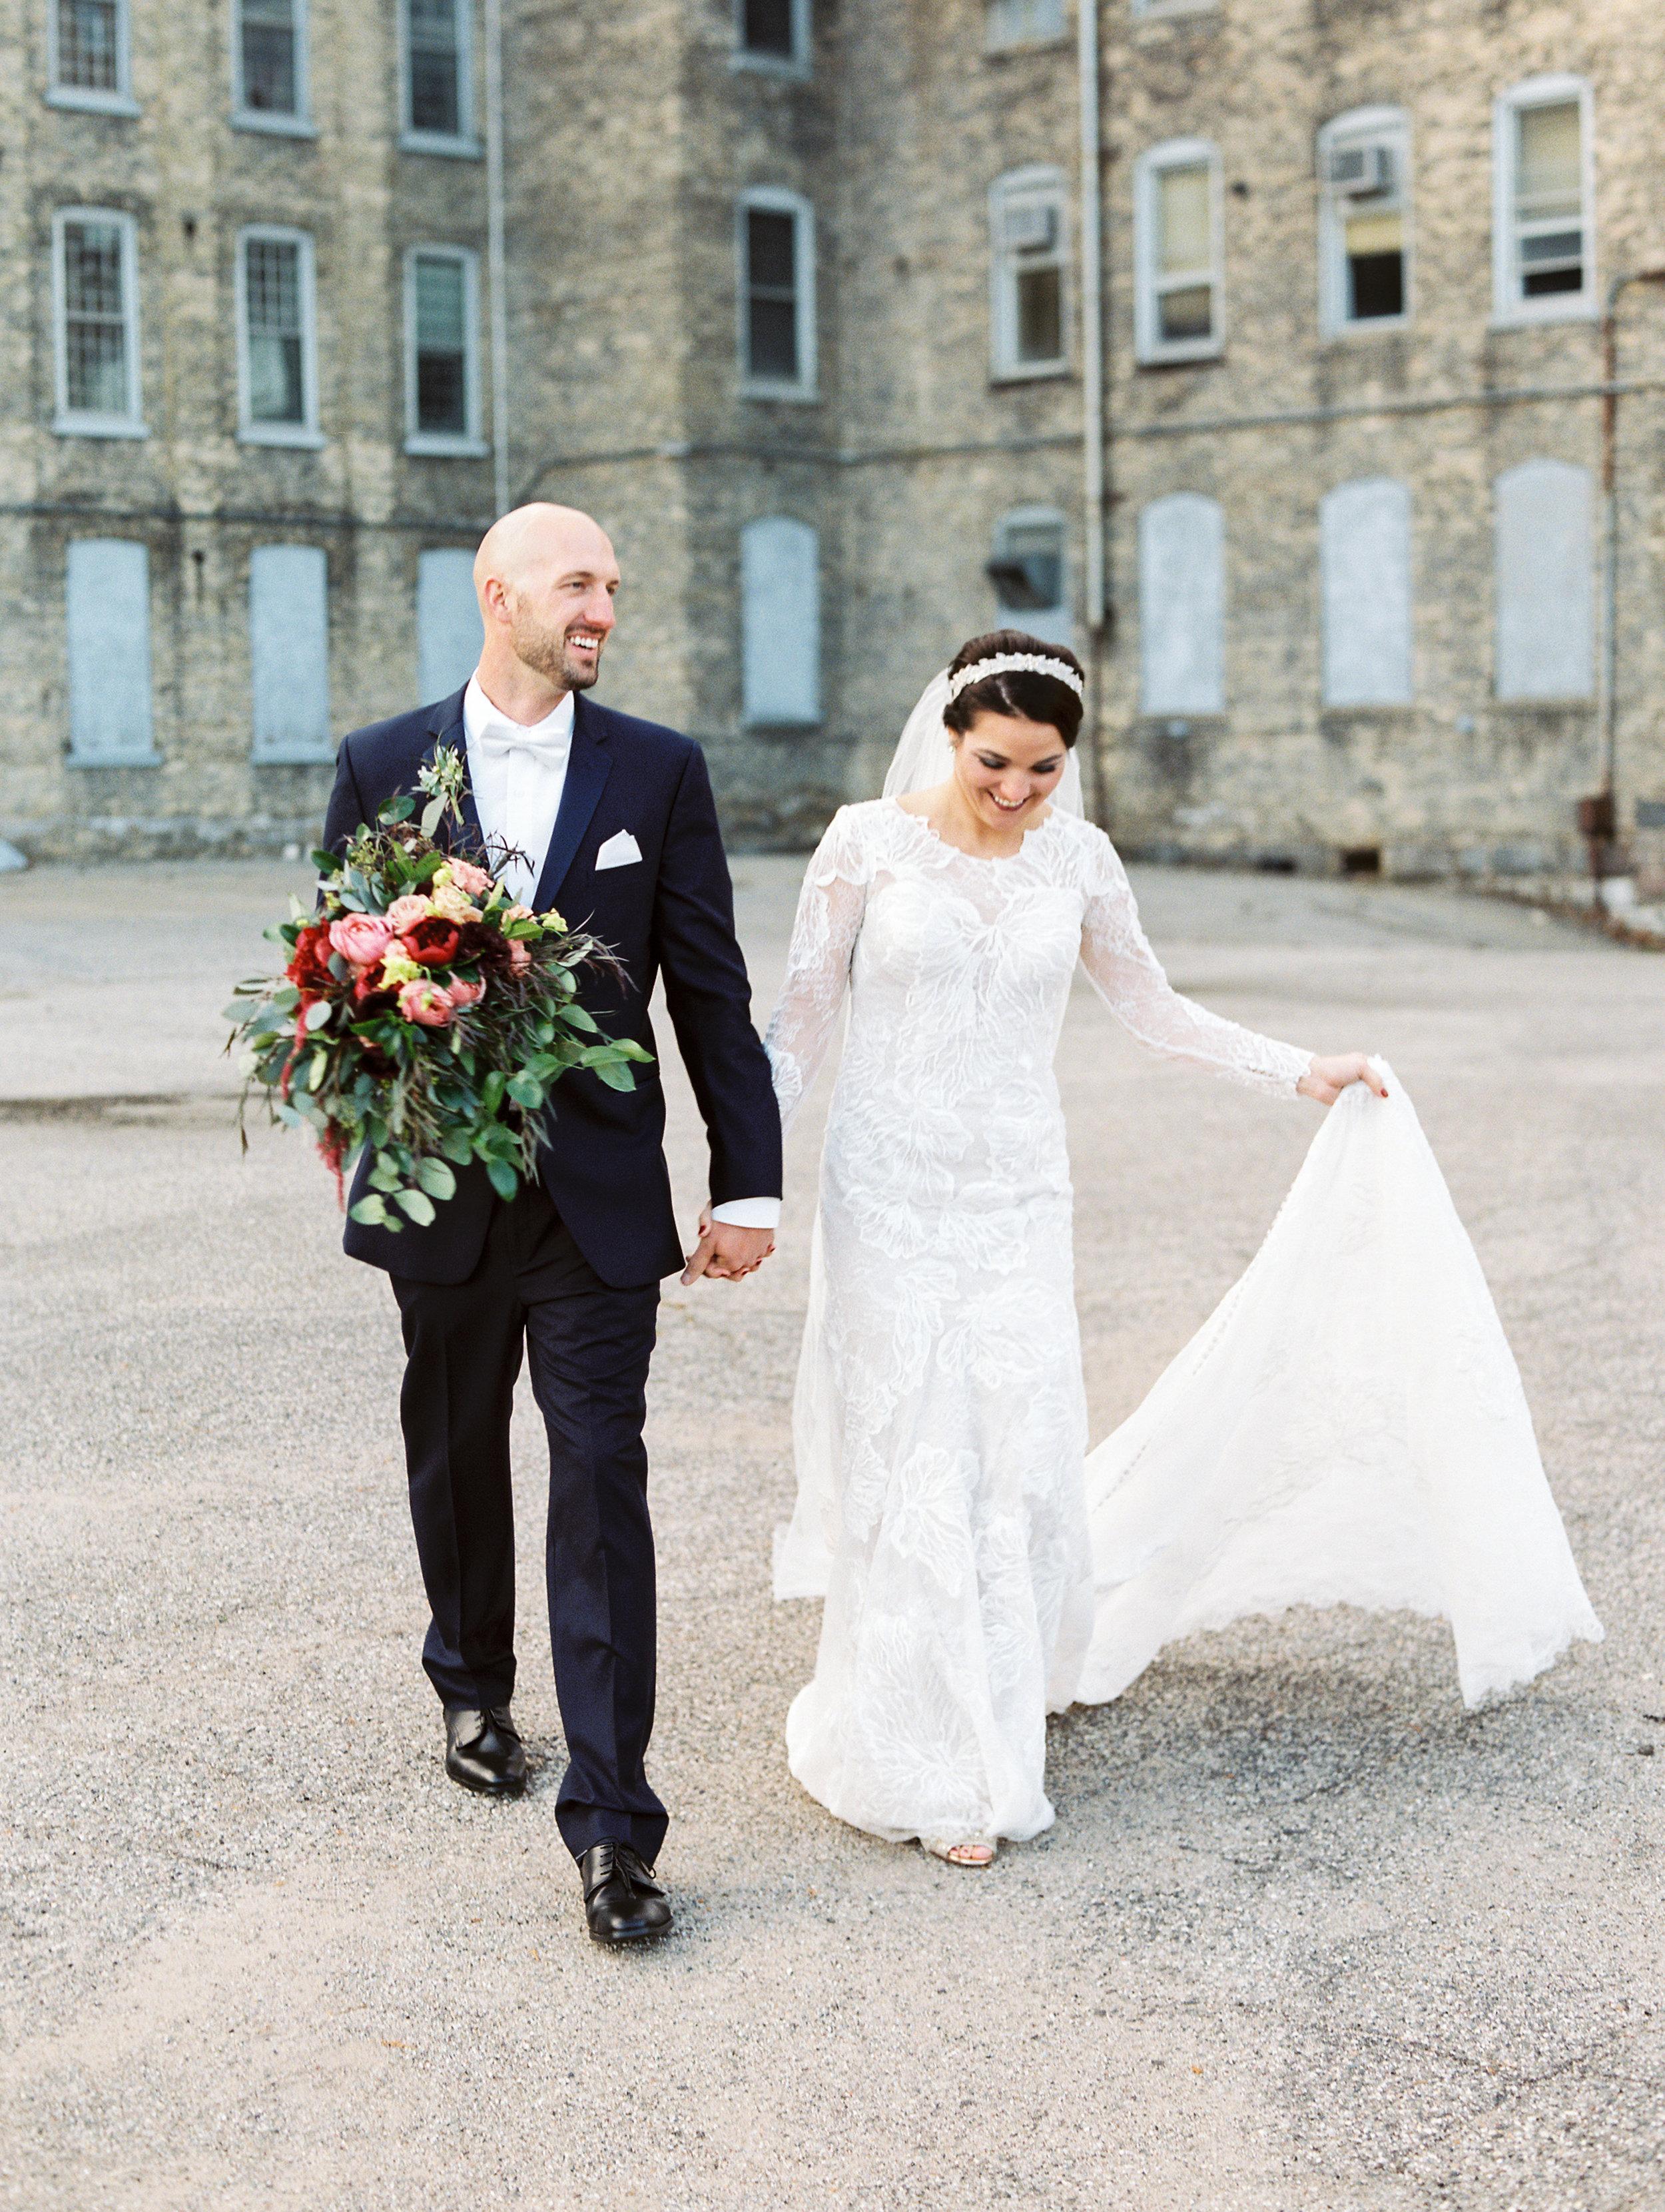 Vogelzang+Wedding+Bride+Groom-50.jpg